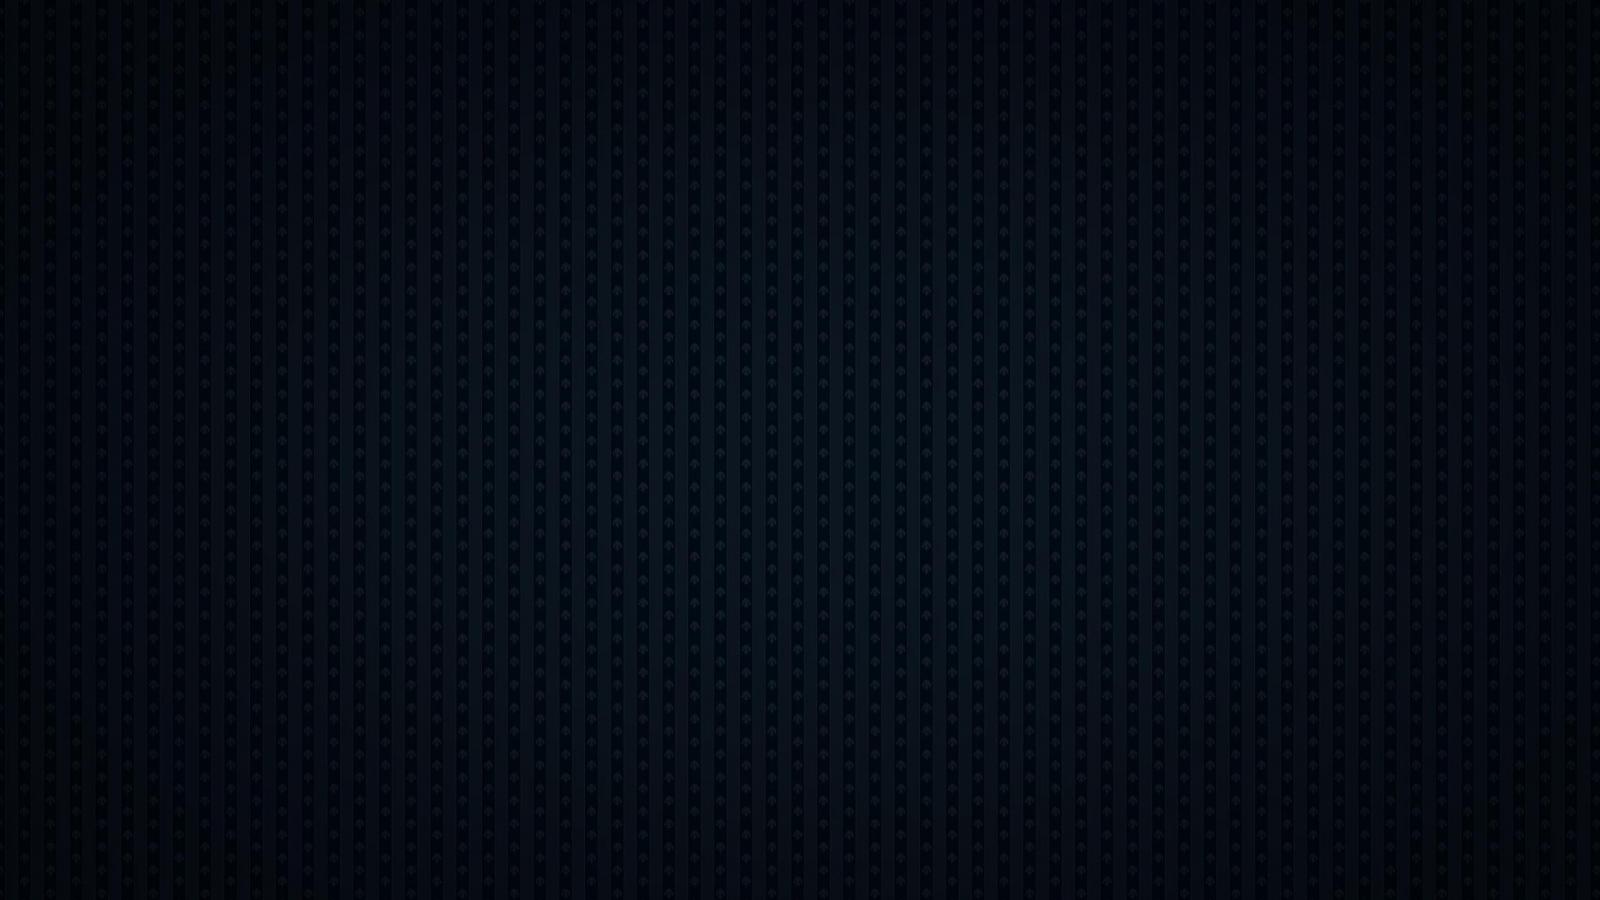 Dark Blue Texture Hd Wallpaper Wallpaper List 1600x900